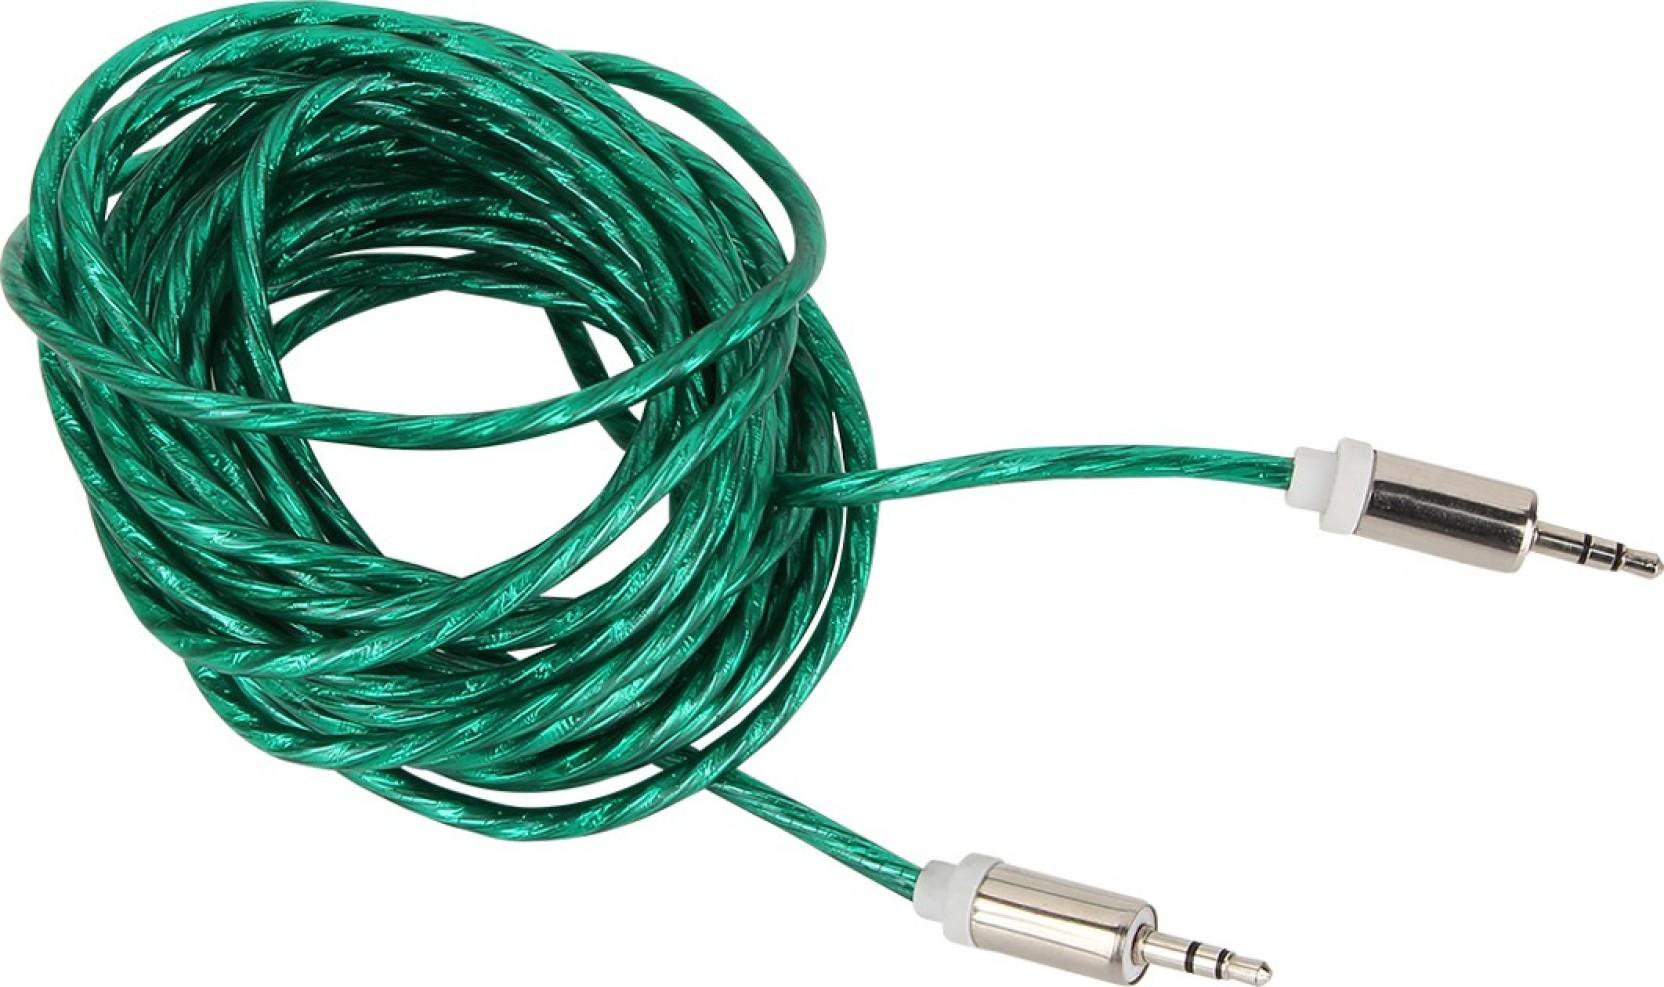 Bexton 5 AUX Cable - Bexton : Flipkart.com